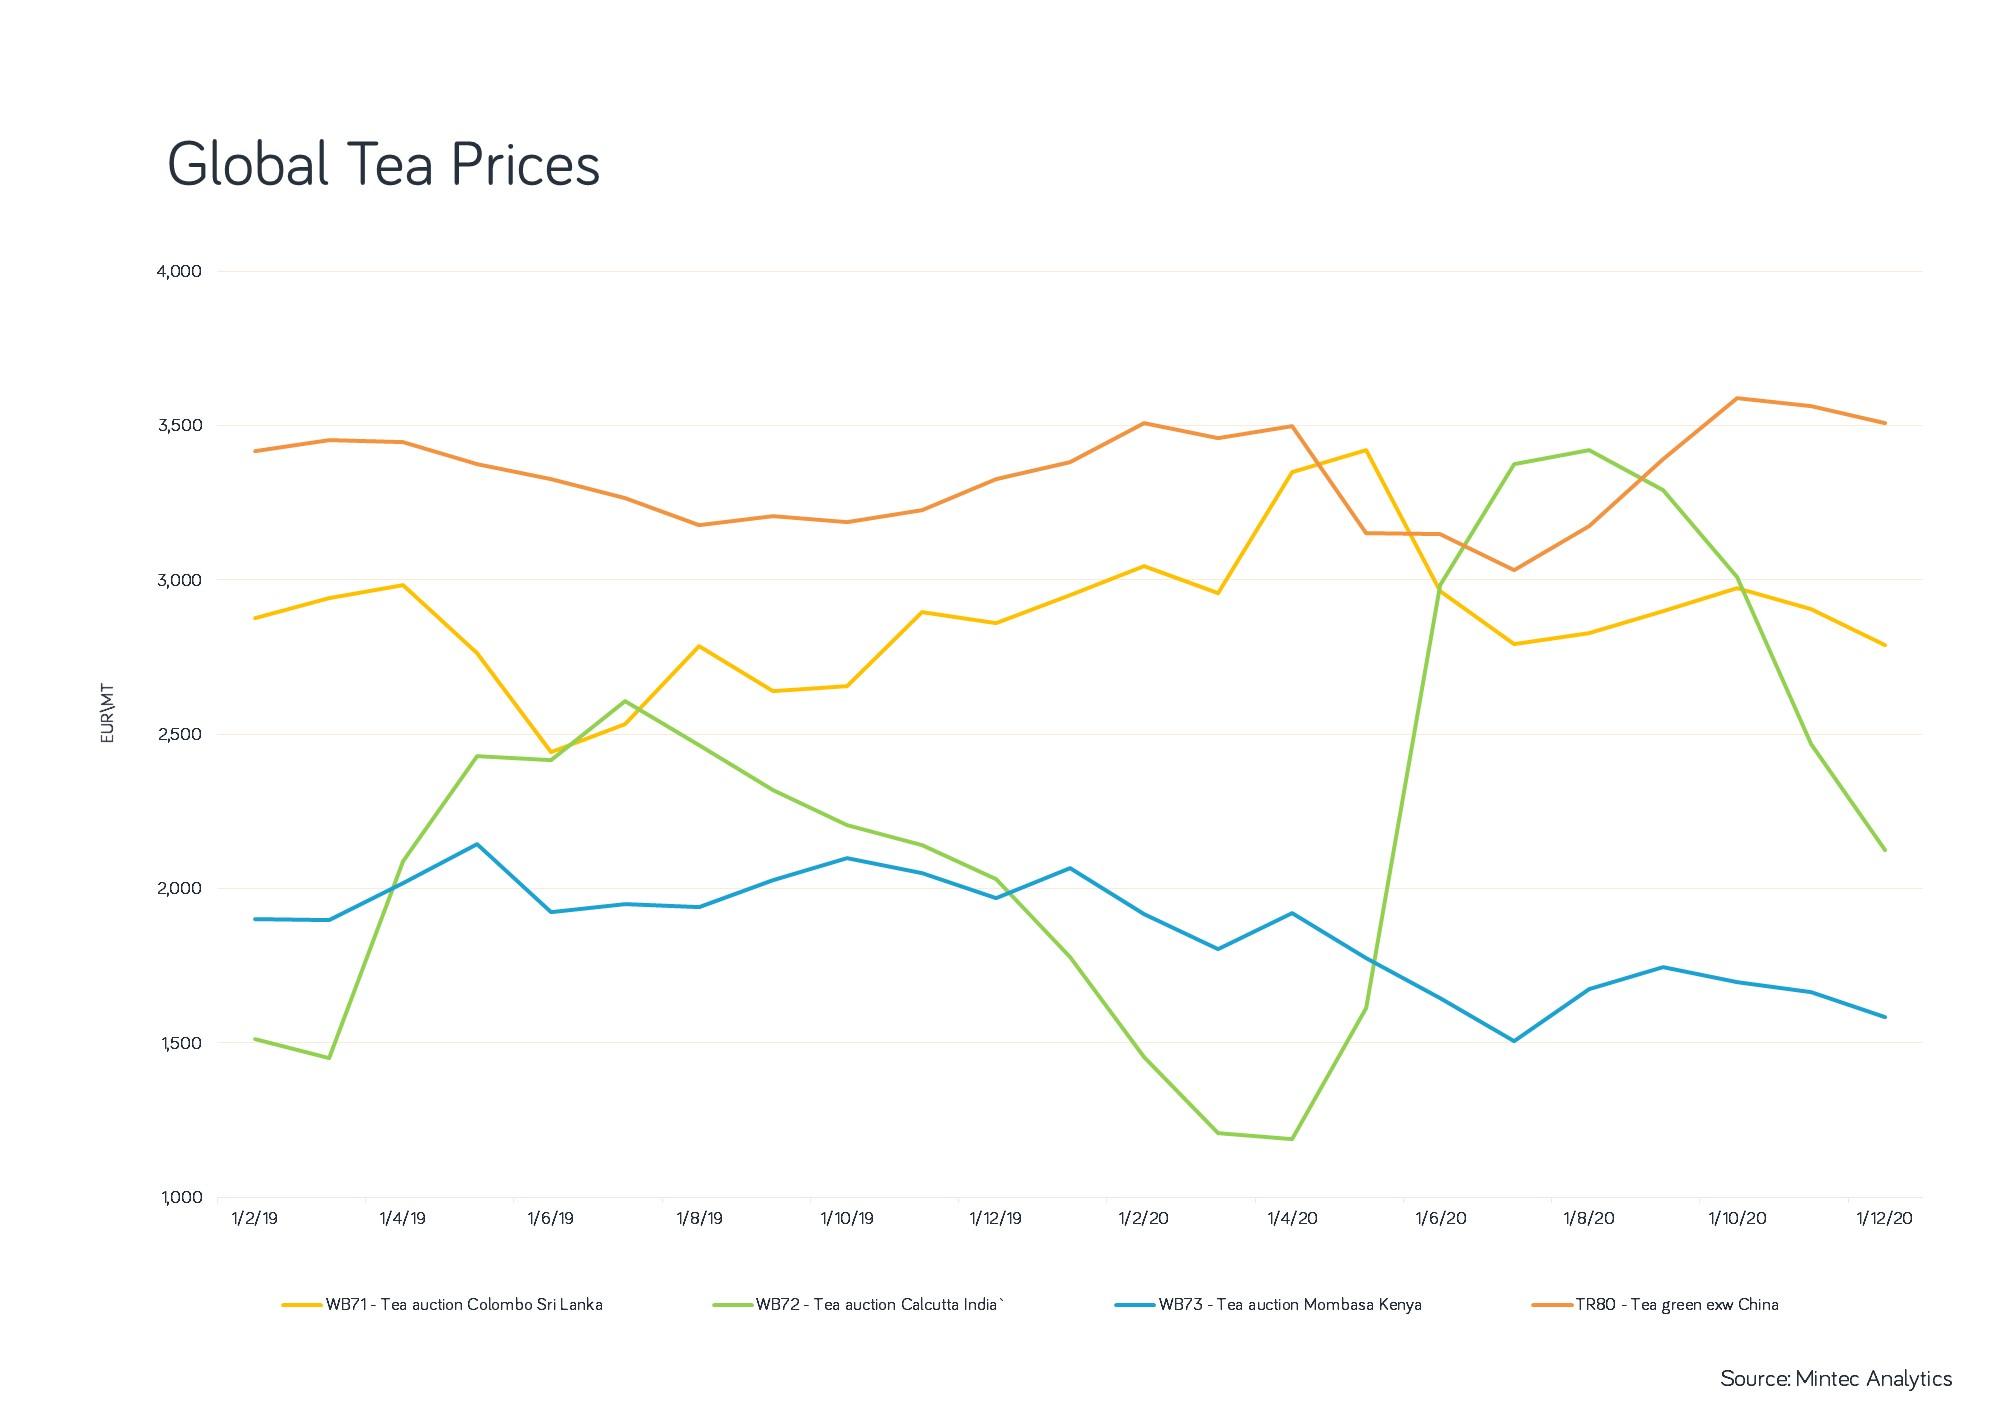 Tea prices